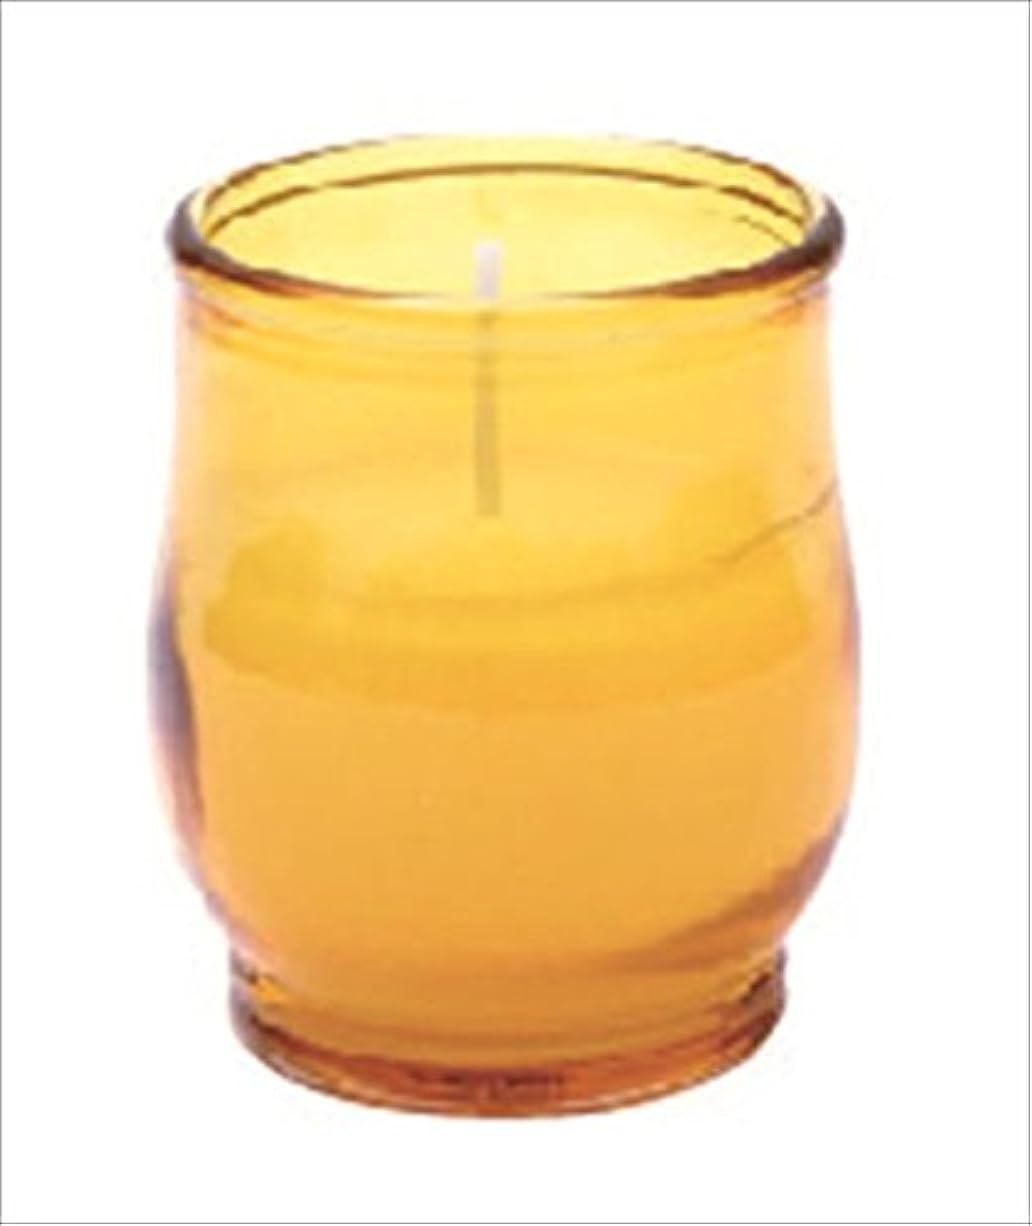 パール枯渇アルカイックkameyama candle(カメヤマキャンドル) ポシェ 「 アンバー 」 キャンドル 68x68x80mm (73020040AM)